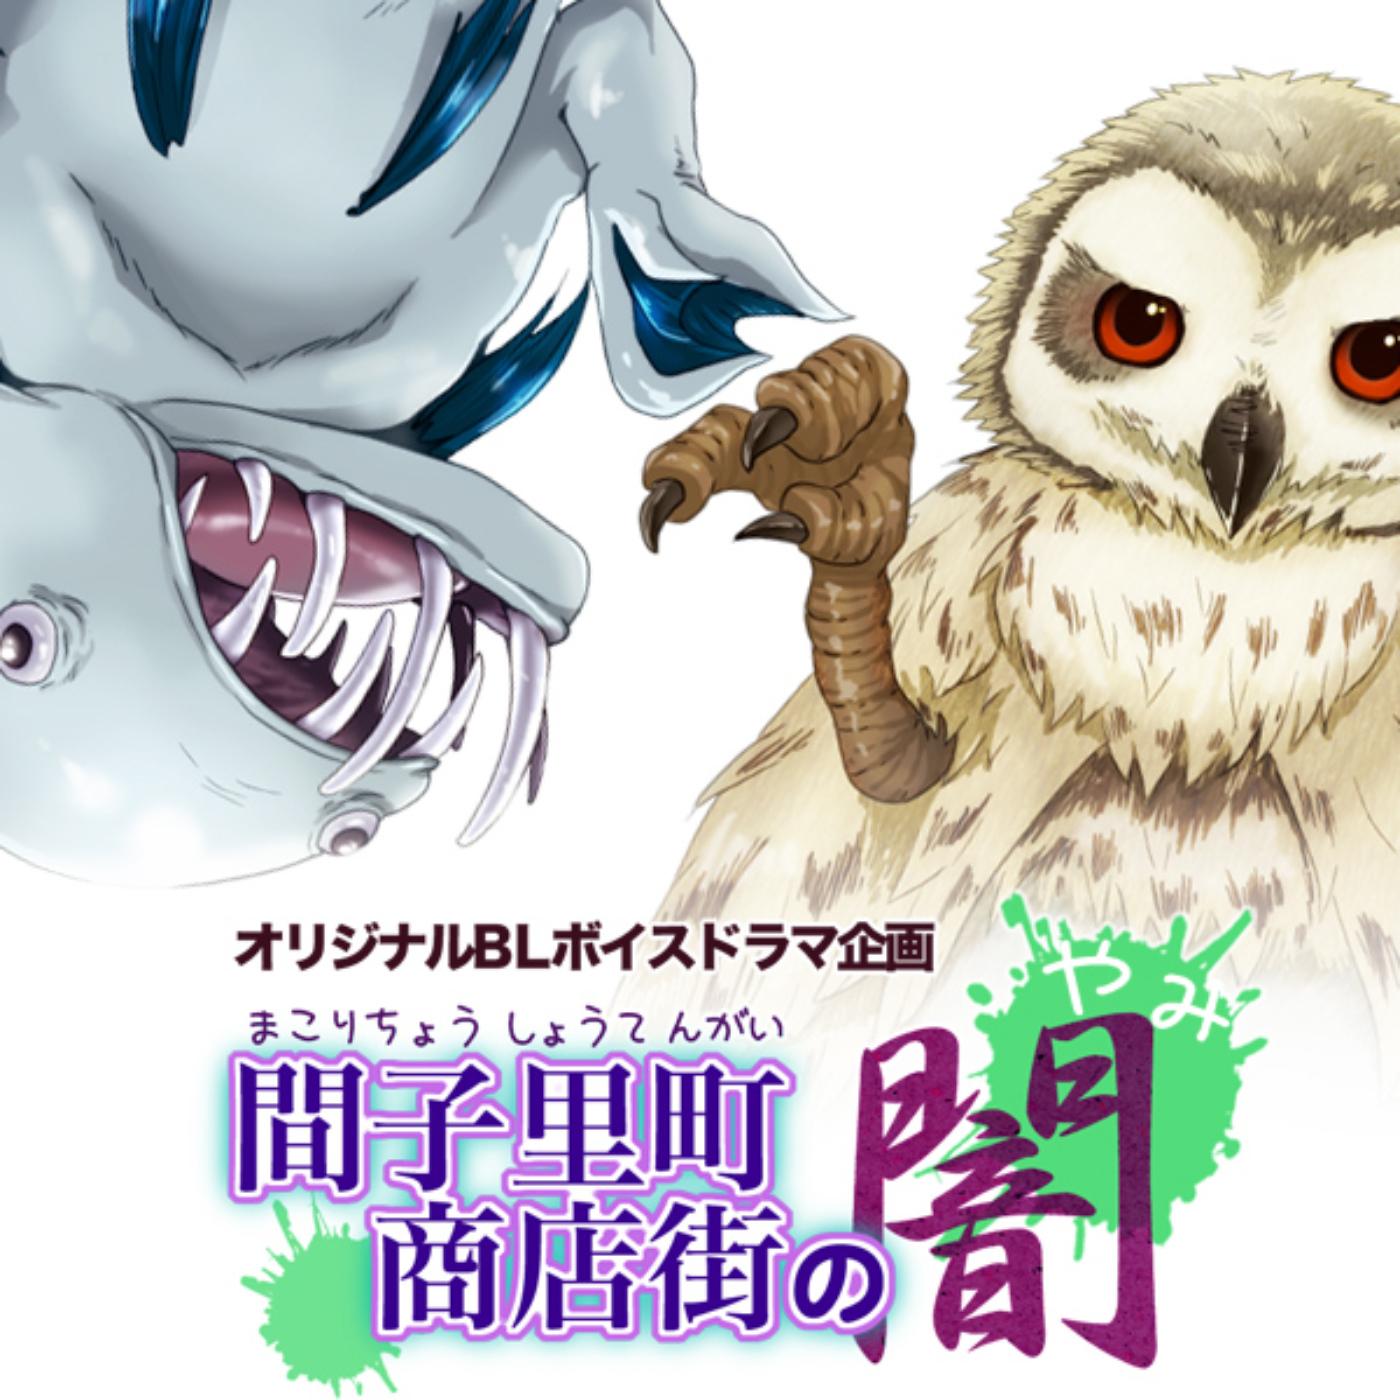 怪人BLボイスドラマ「間子里町商店街の闇」